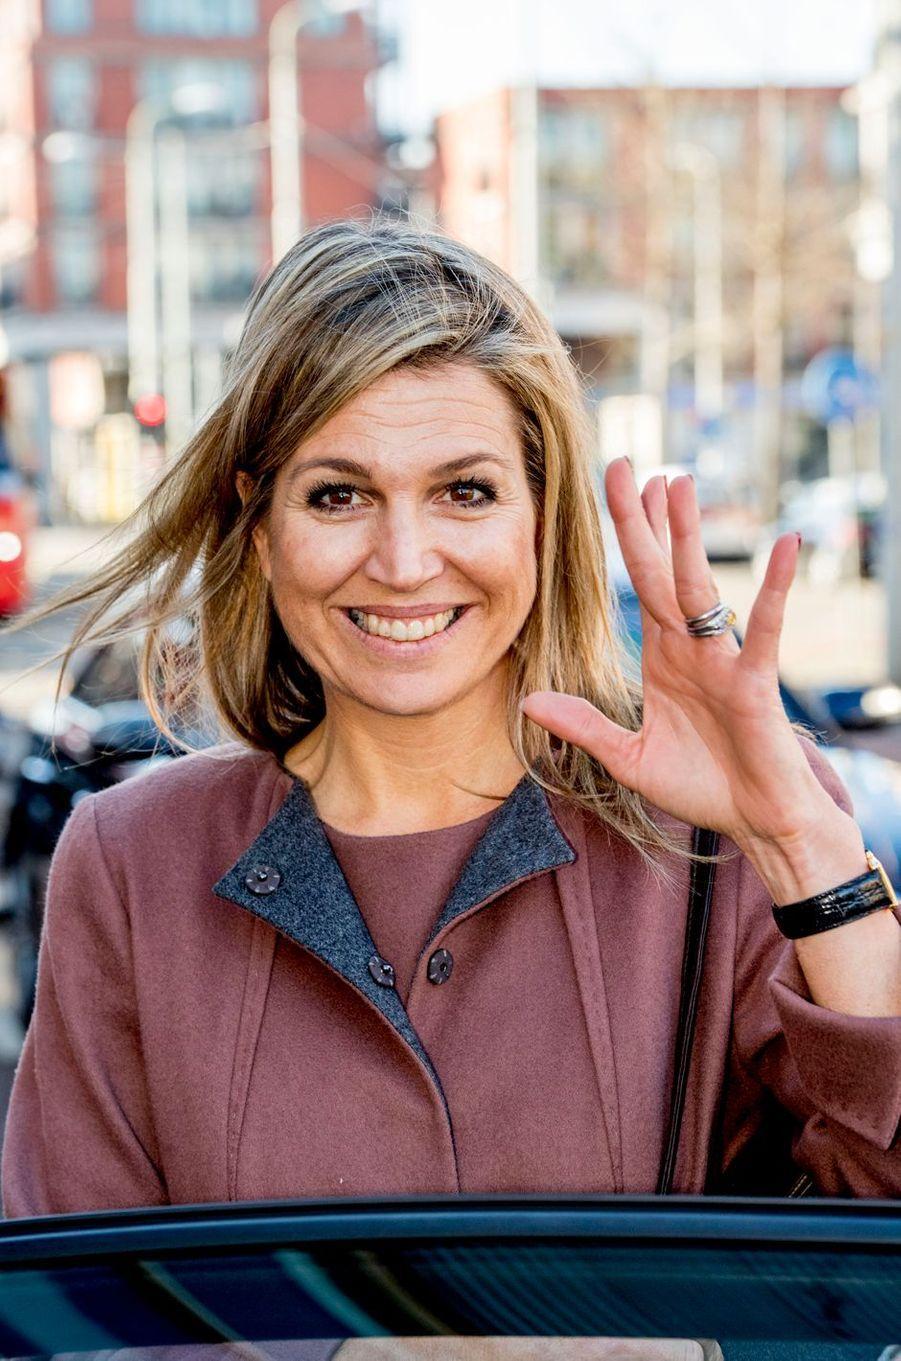 La reine Maxima des Pays-Bas à La Haye, le 22 février 2018